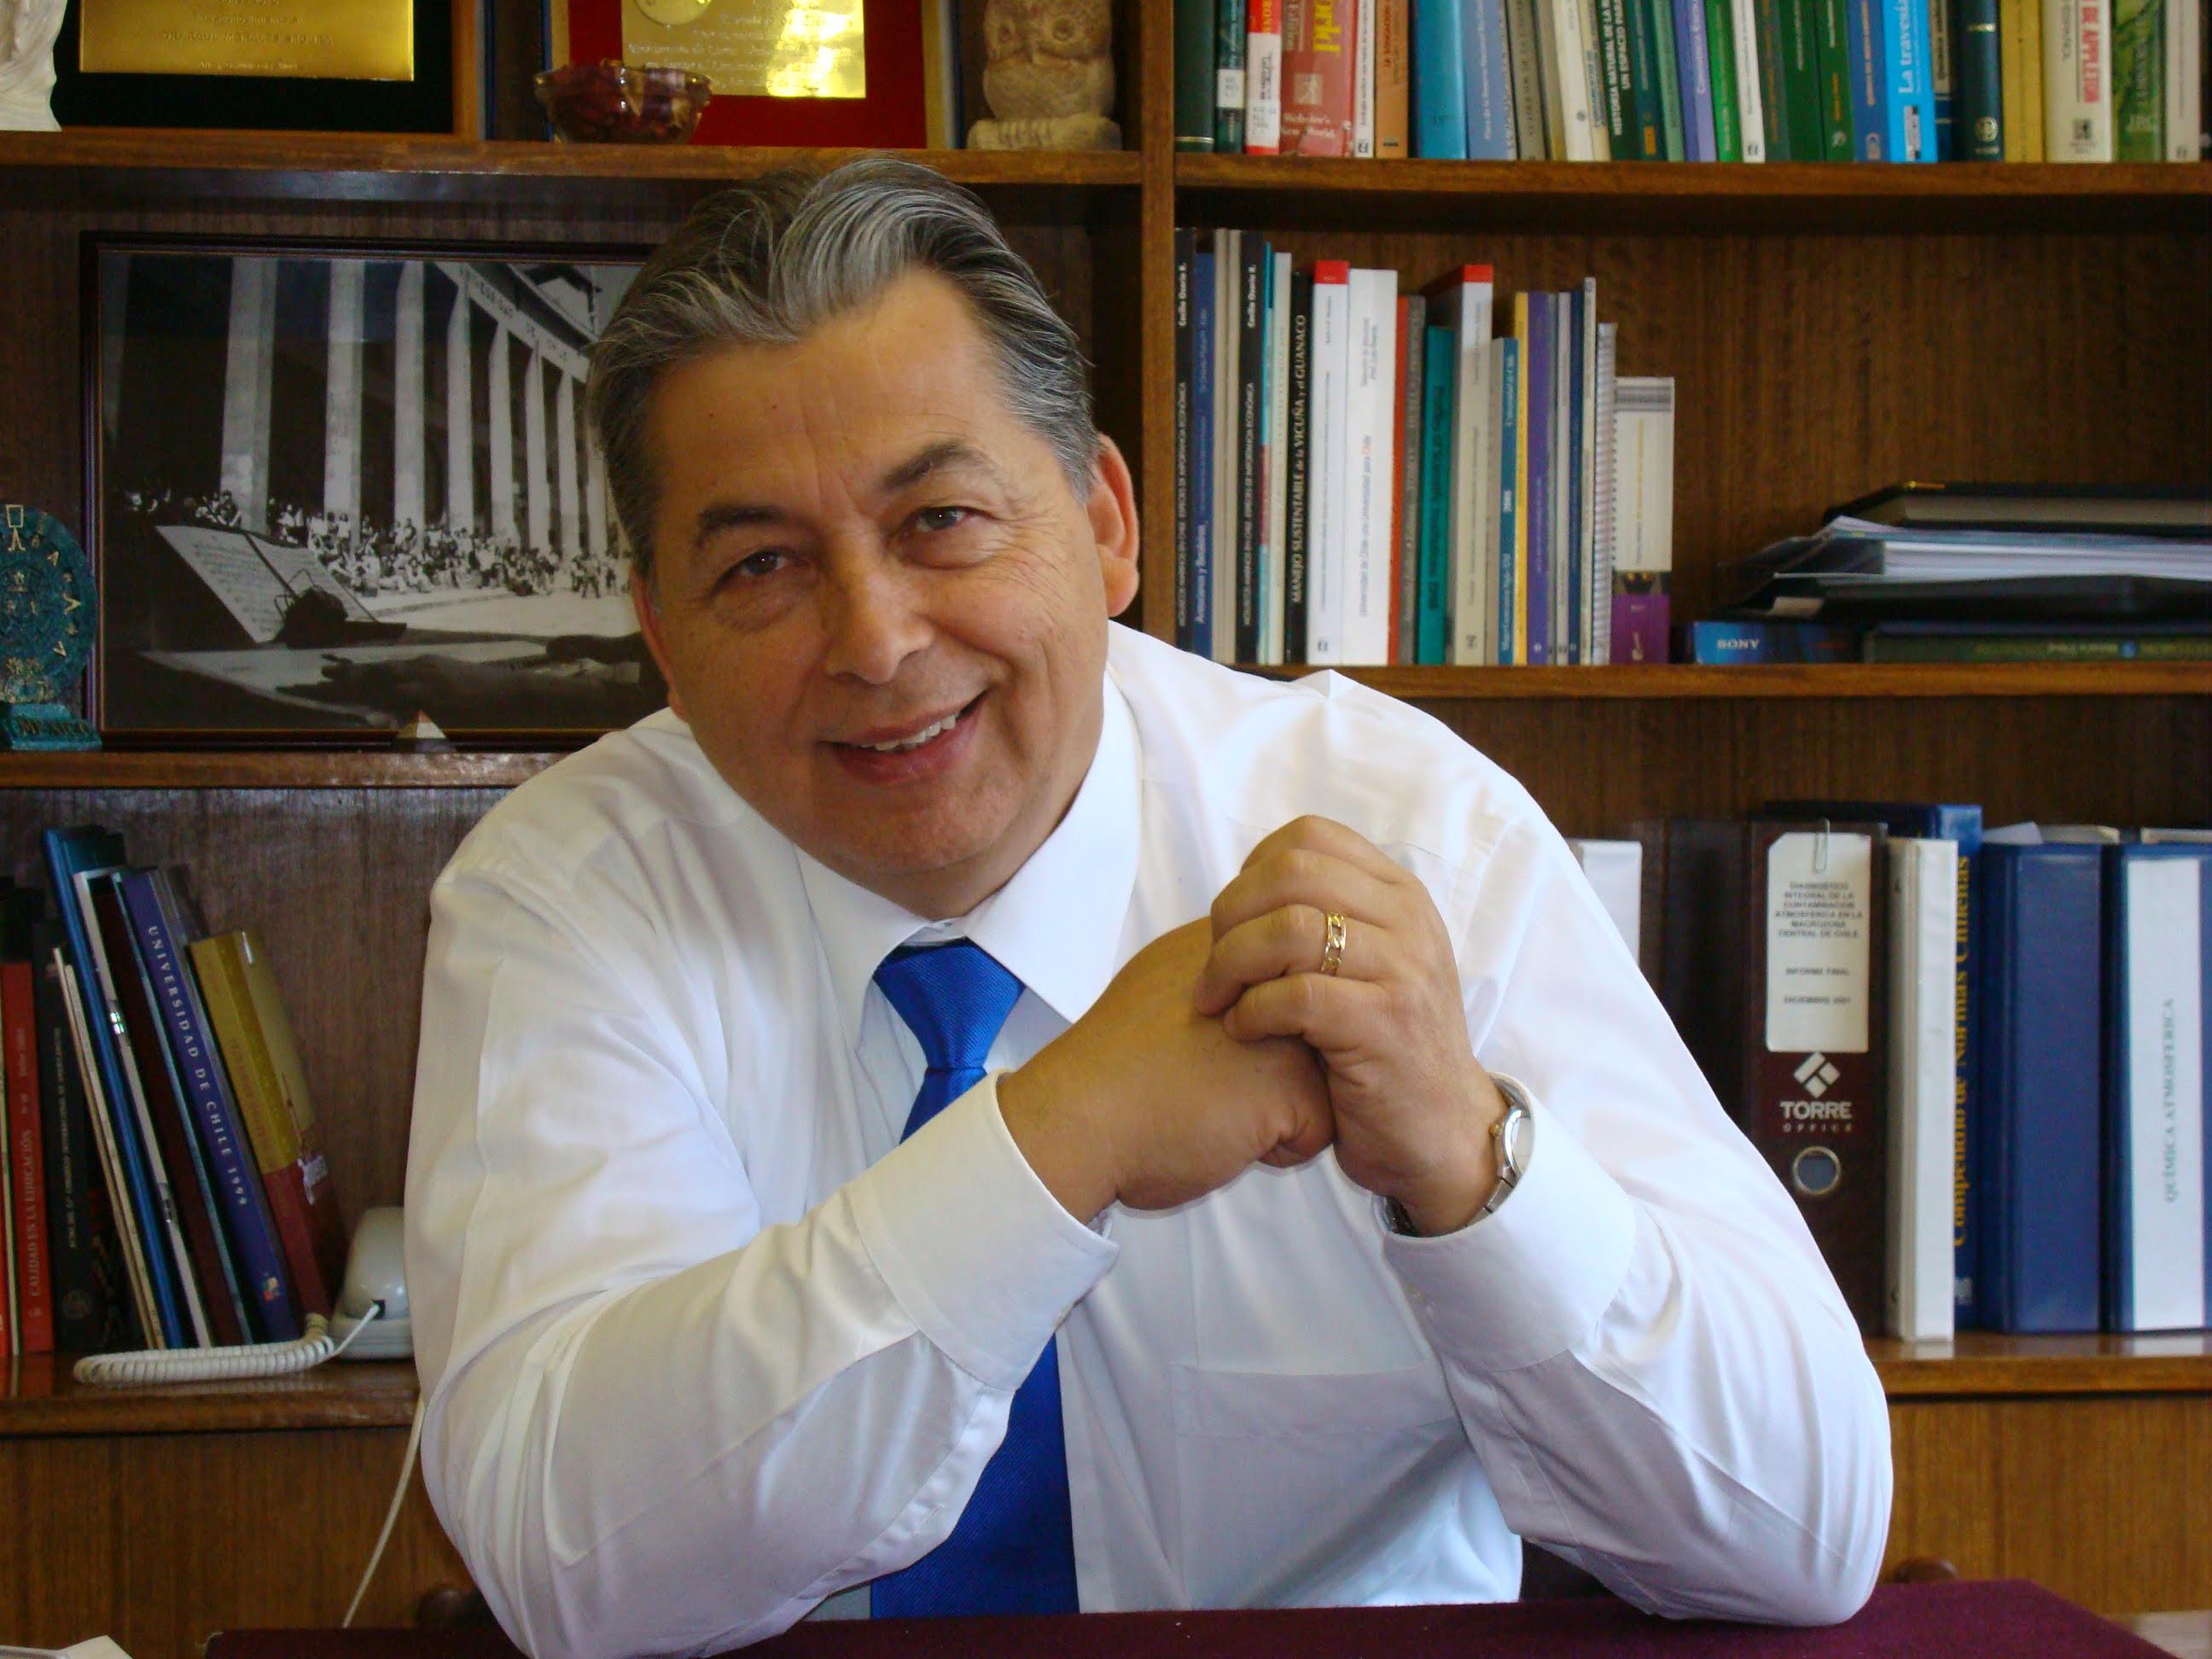 Dr Raul Morales